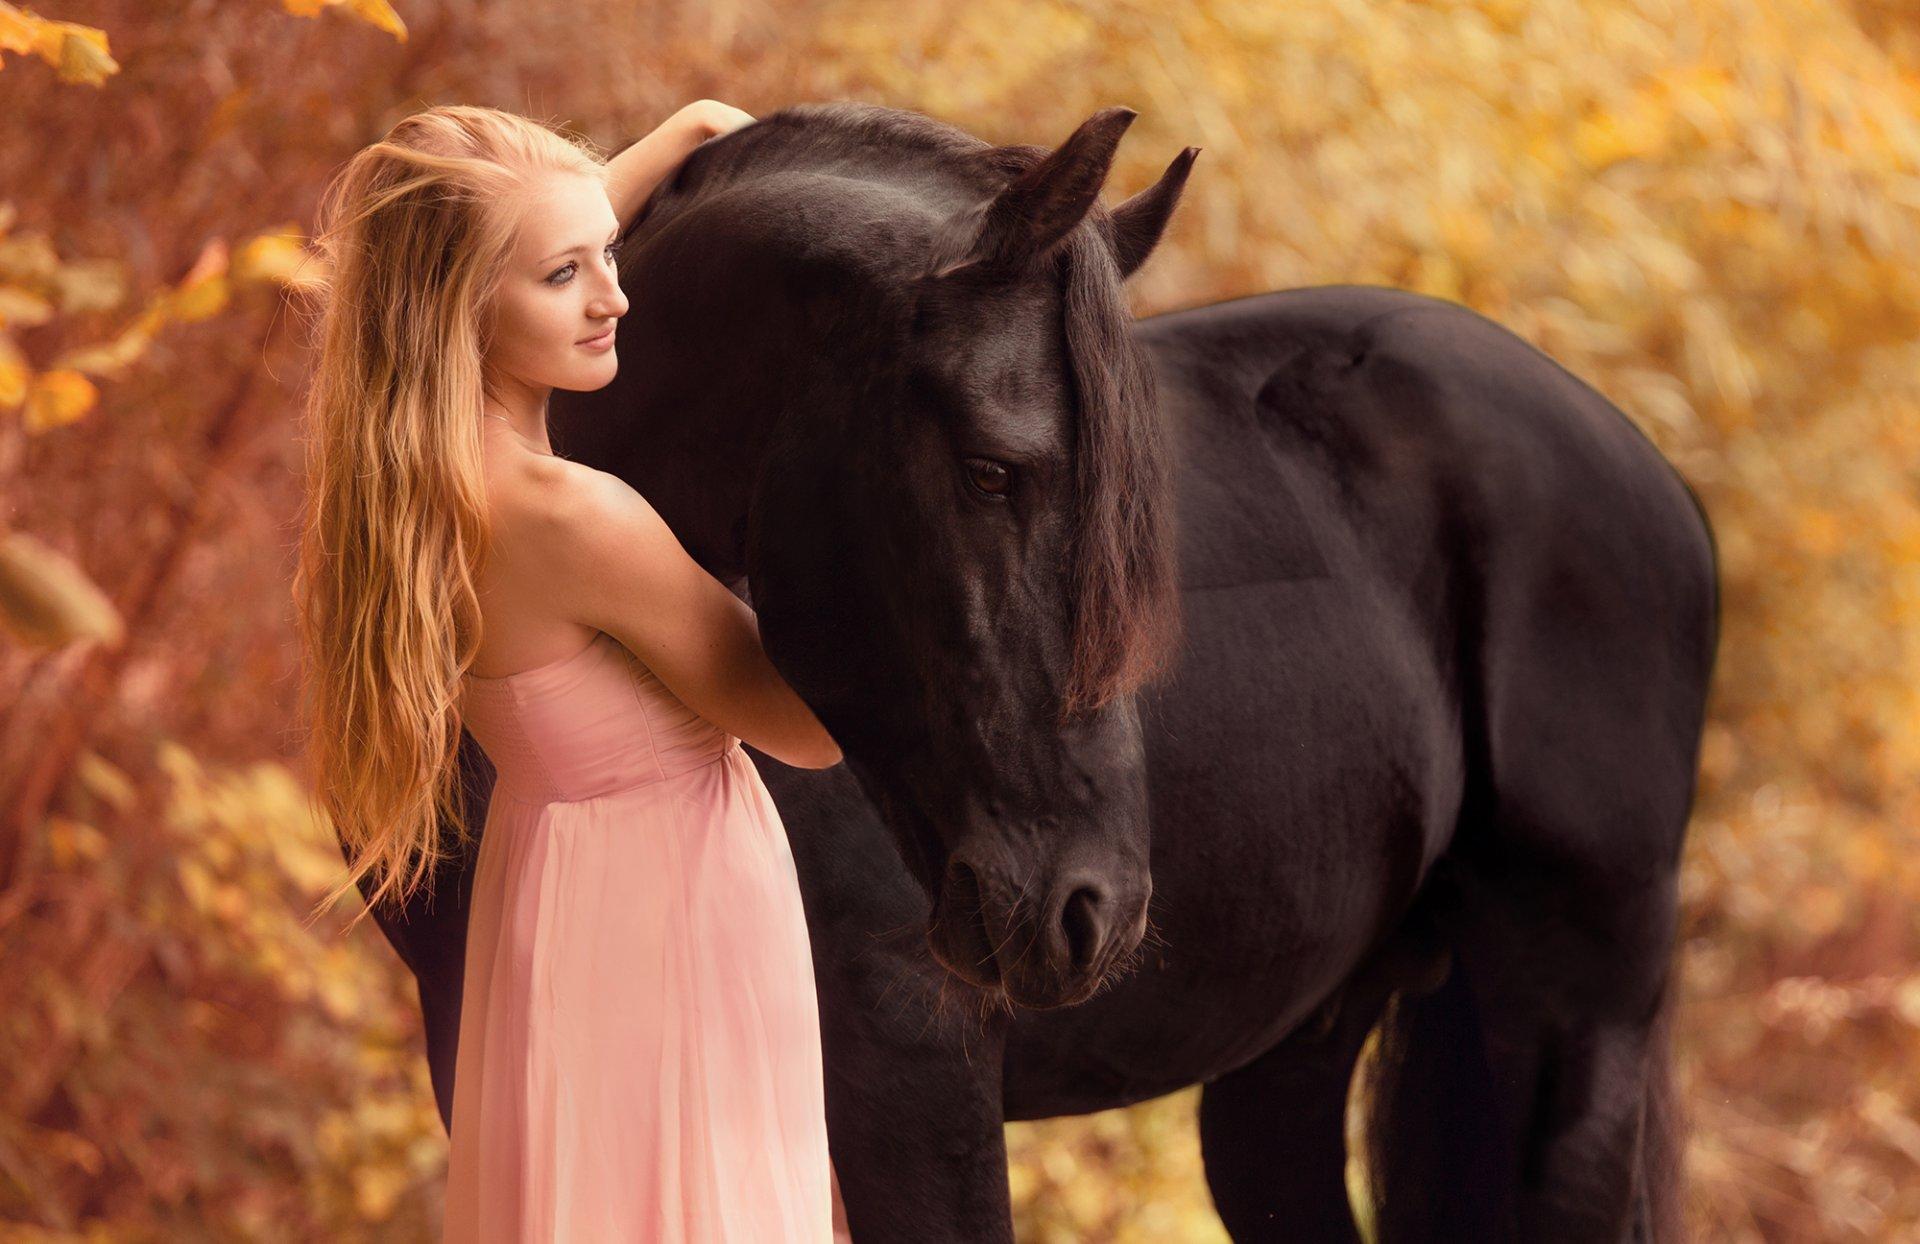 Картинки женщины и животные